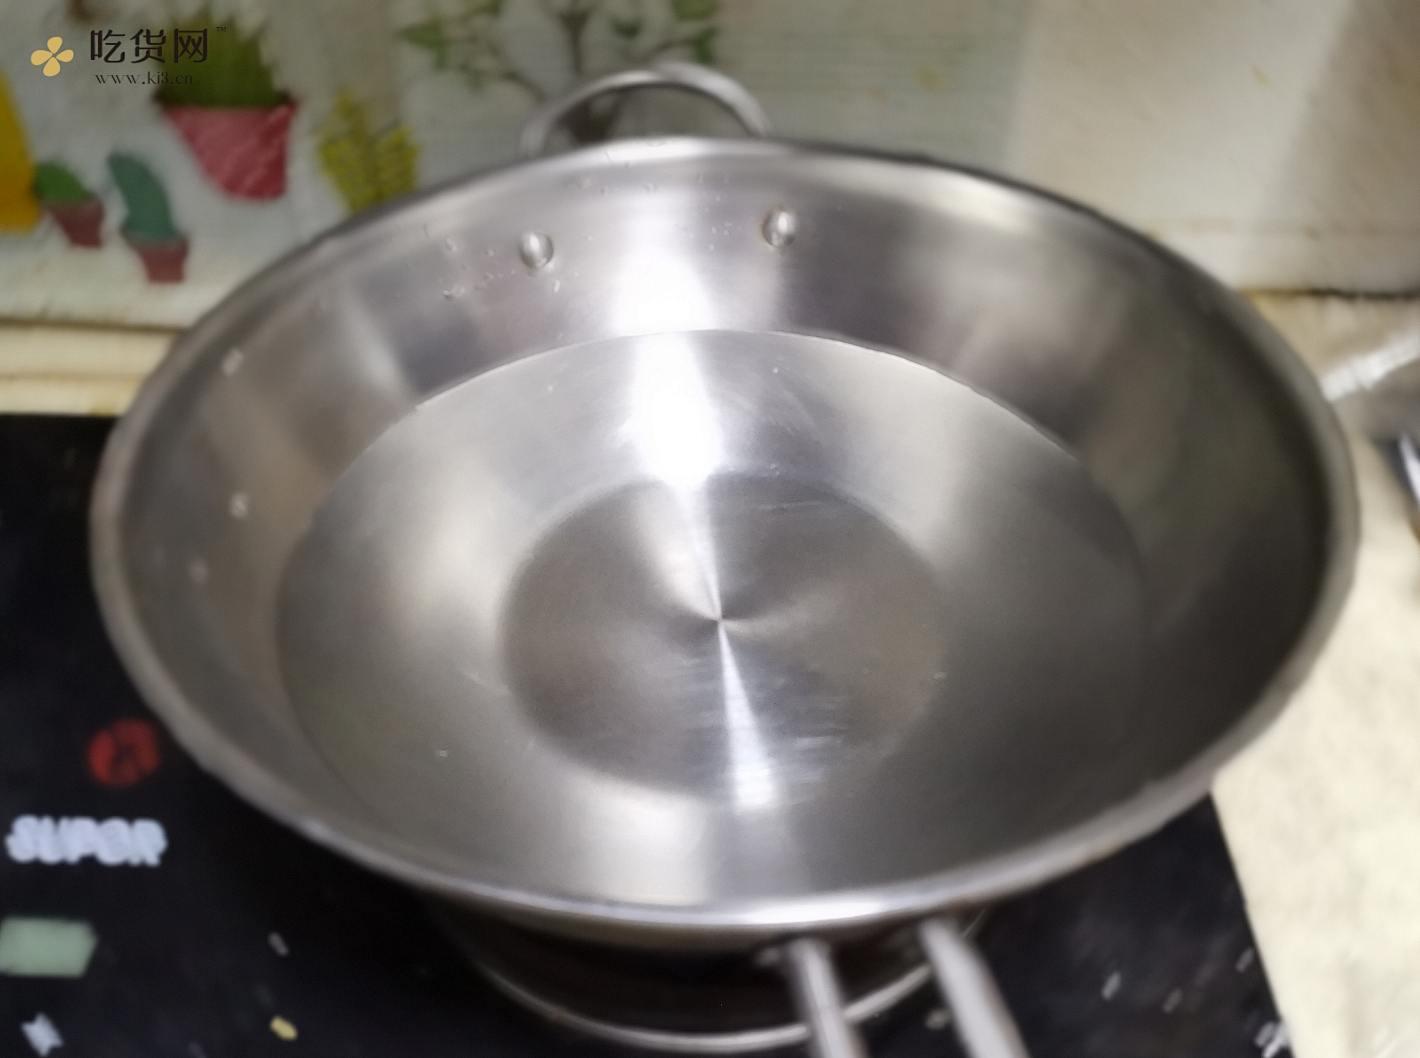 潮汕的端午风味#咸蛋黄肉粽的做法 步骤10